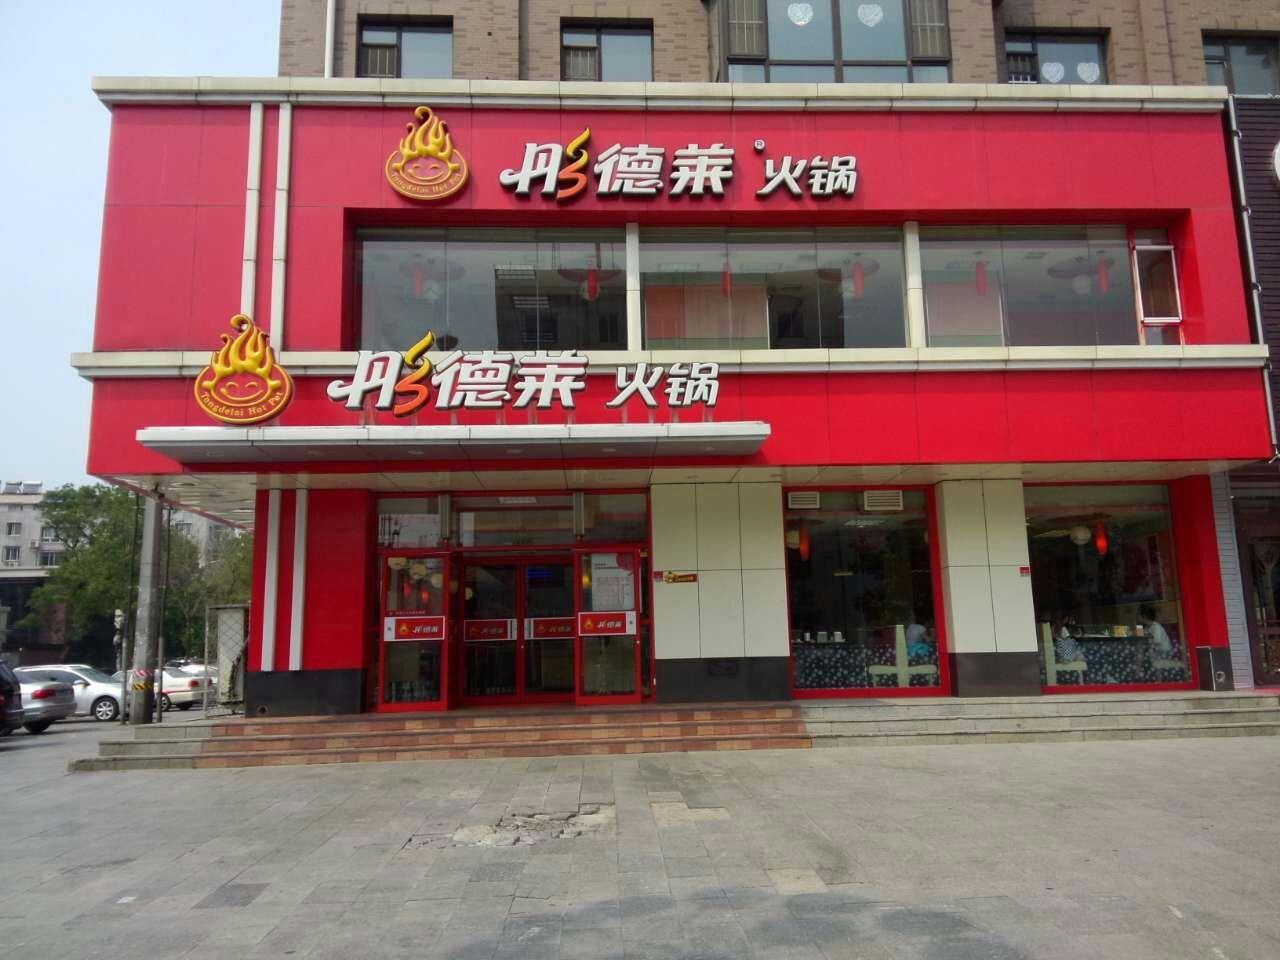 辽宁省铁岭市优乐娱乐连锁店面